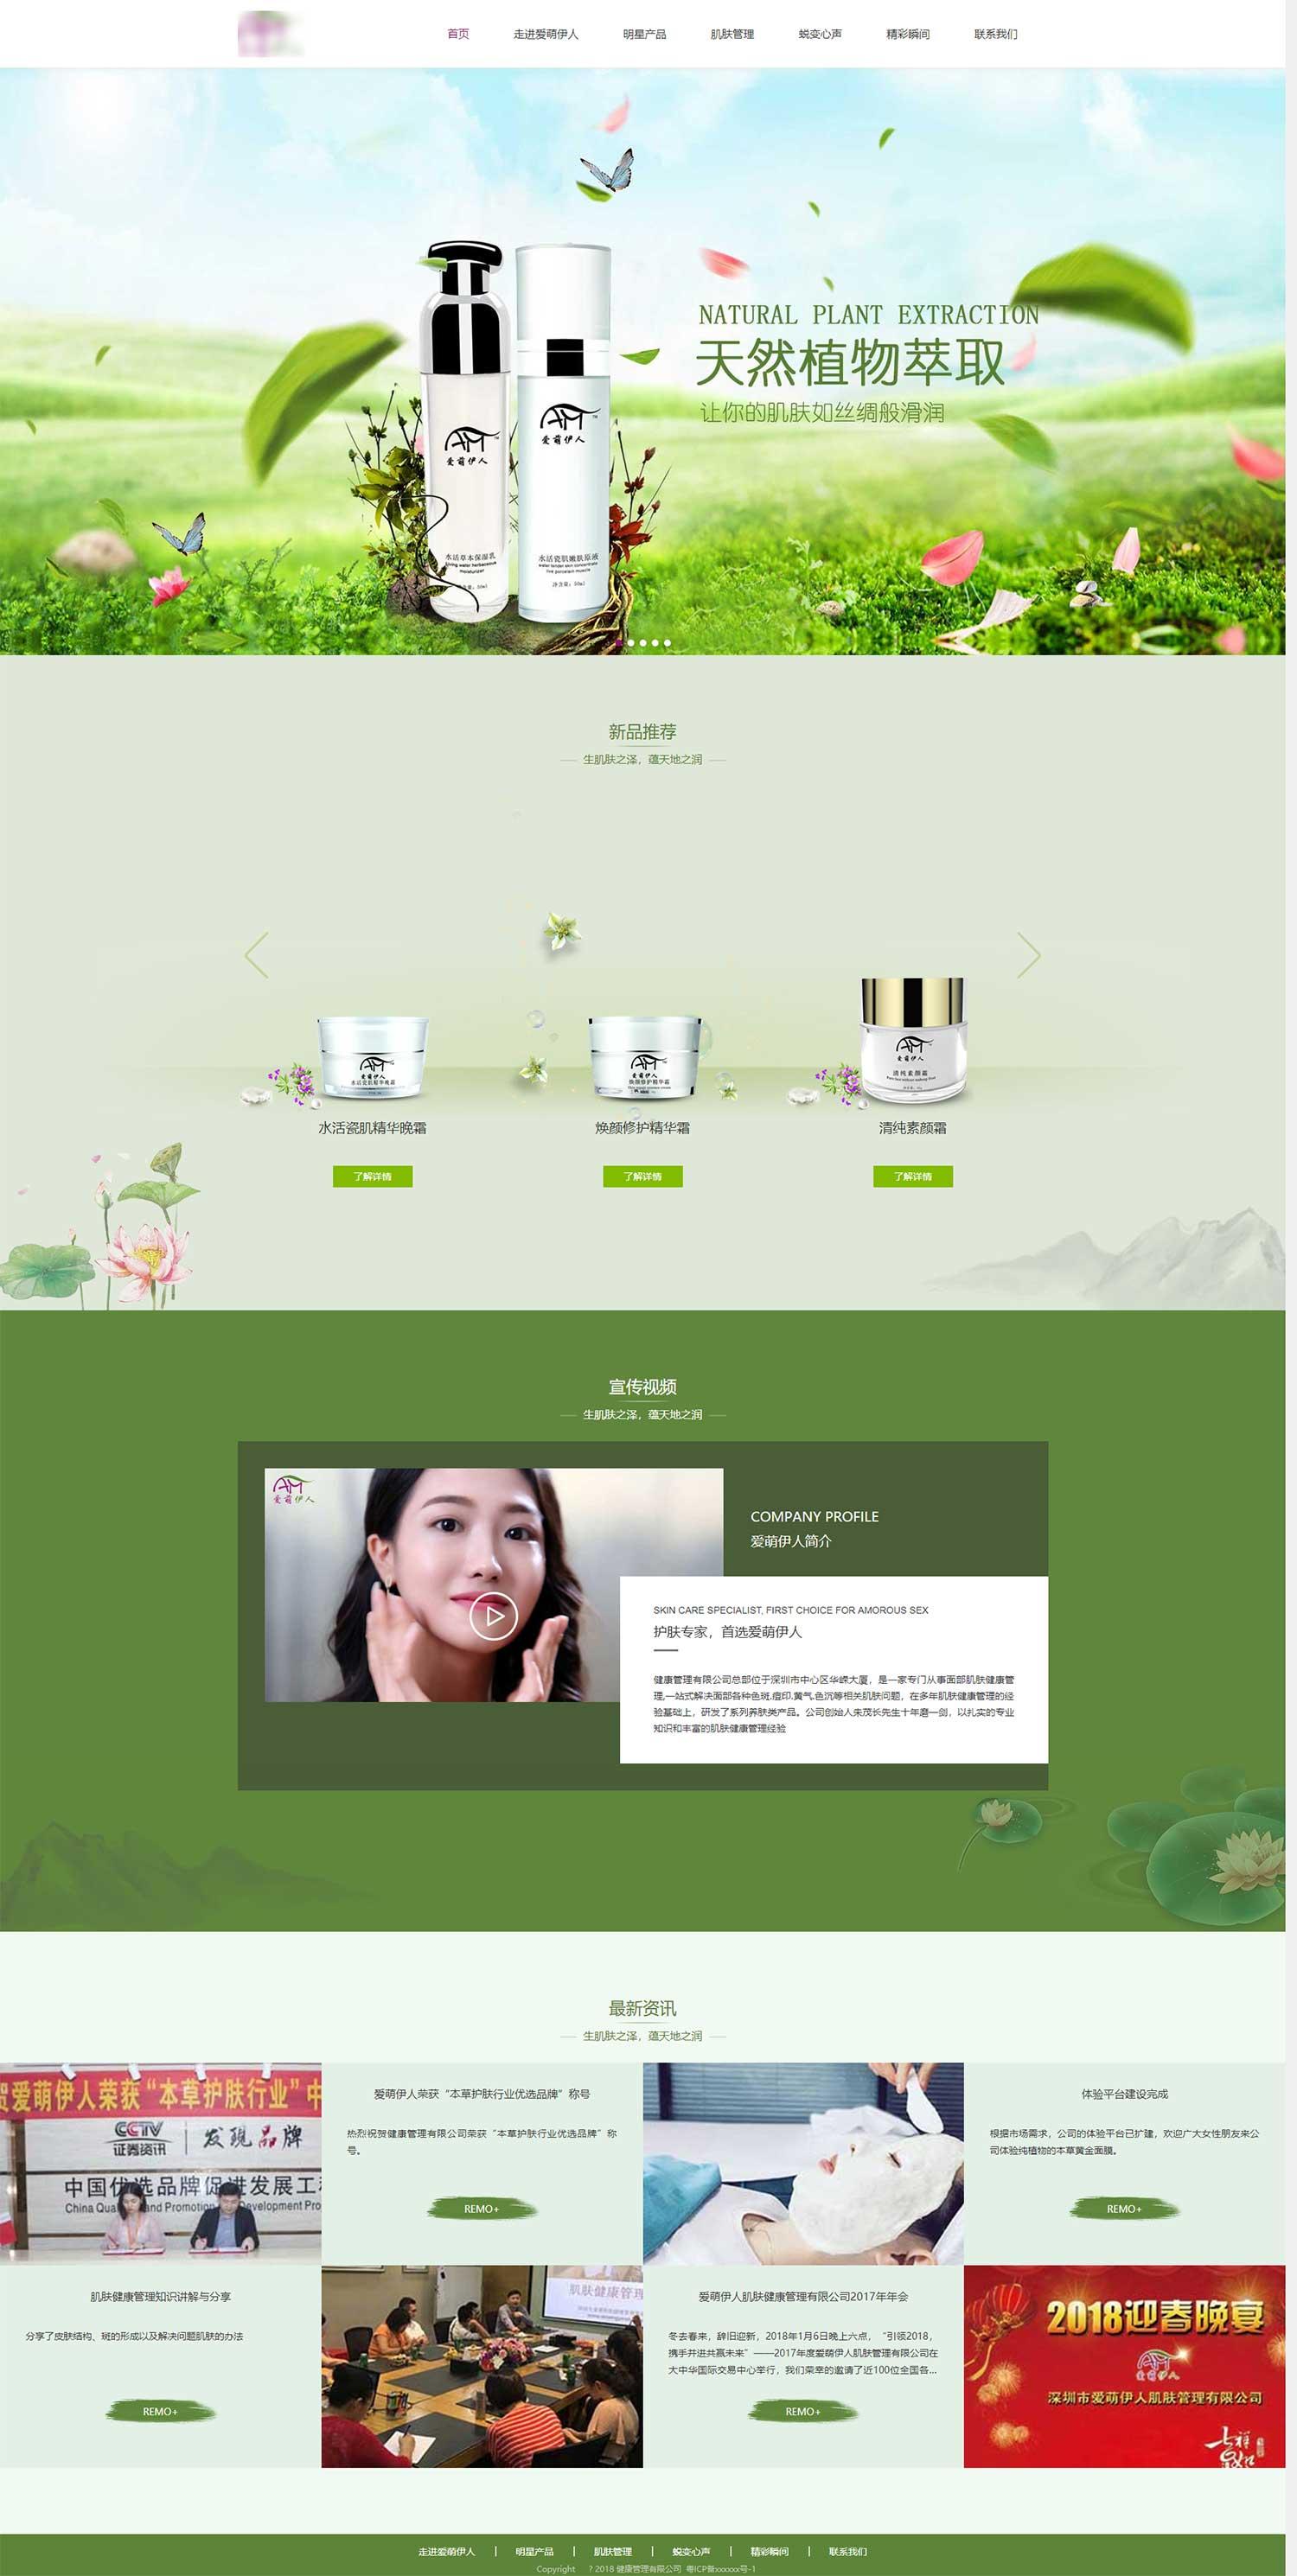 大气的肌肤健康化妆品美容公司网站响应式网页模板